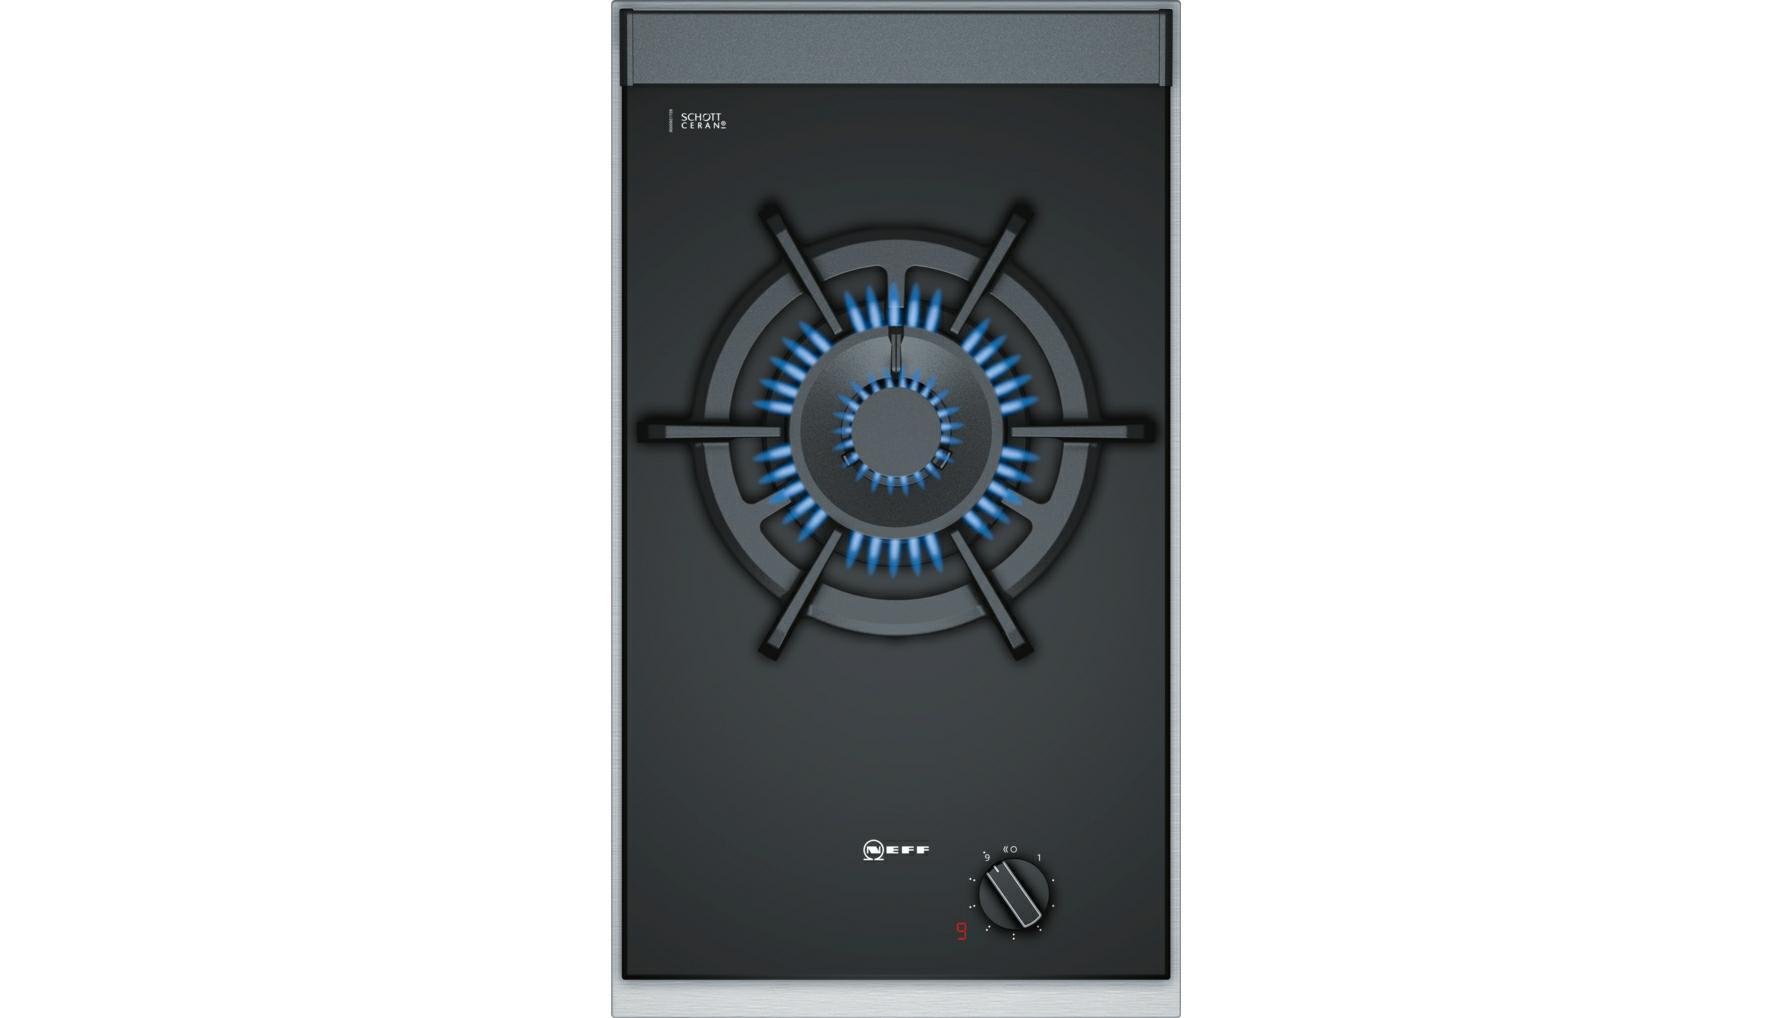 kookplaat elektrisch Neff N23TA19N0 kookplaat elektrisch